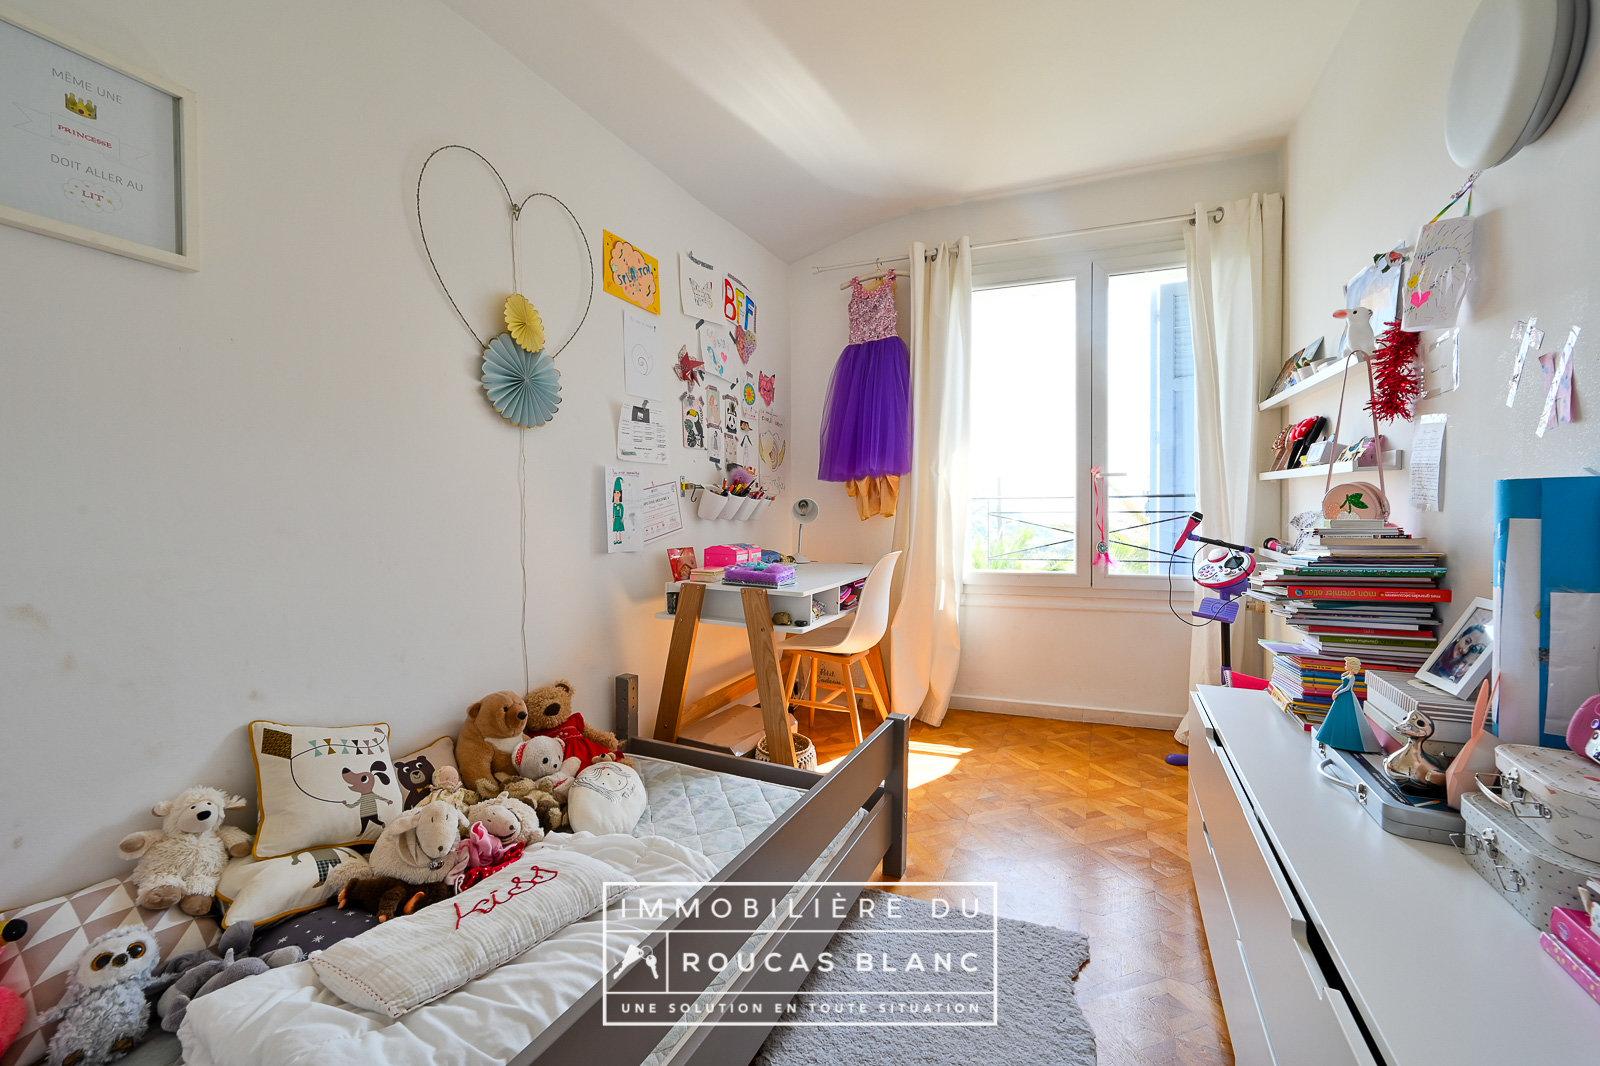 Maison - Coeur Roucas - Garage - Jardin - Calme absolu - Piscine